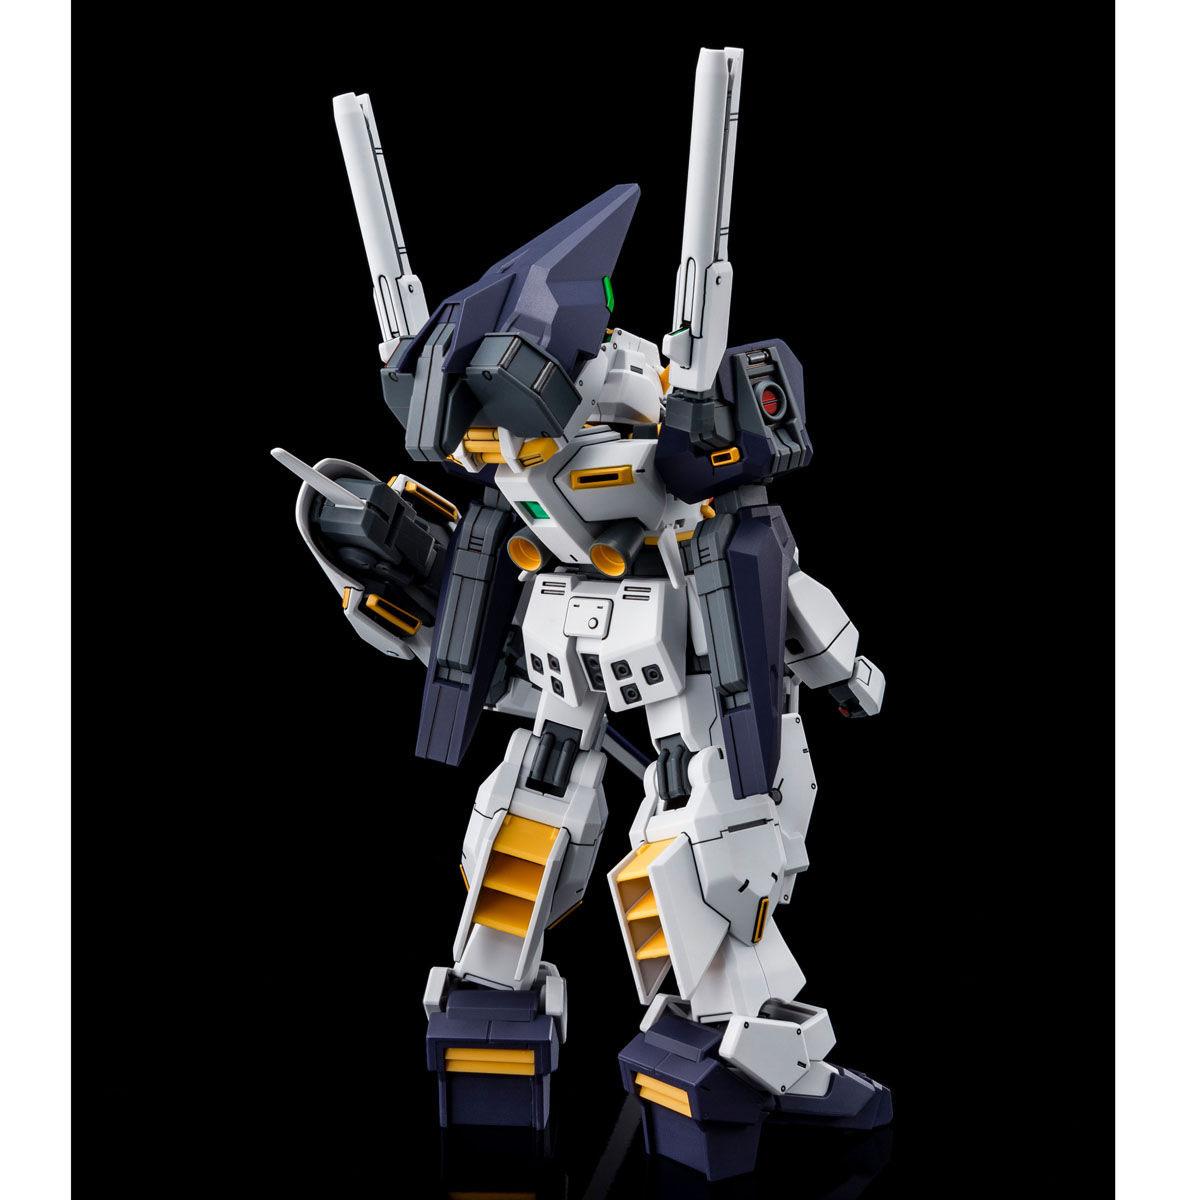 【限定販売】HG 1/144『ガンダムTR-1[ハイゼンスレイ]』プラモデル-003